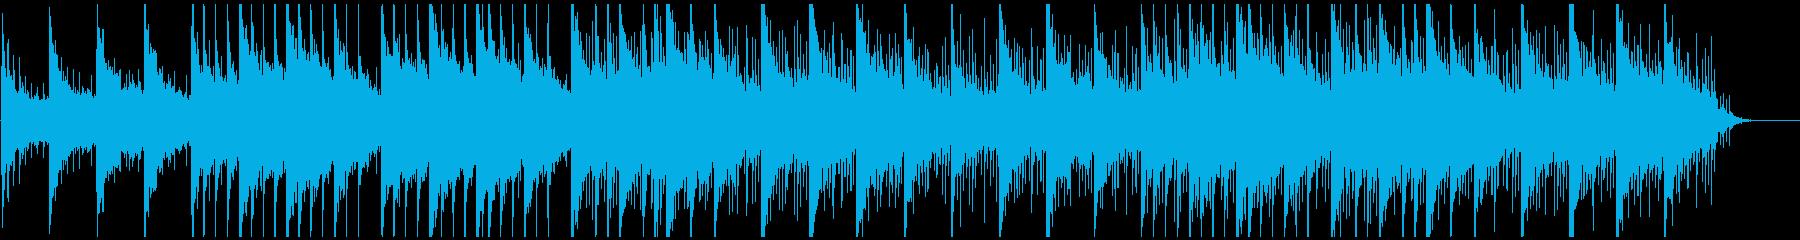 ピアノ癒しヒーリング しっとりと感動的の再生済みの波形